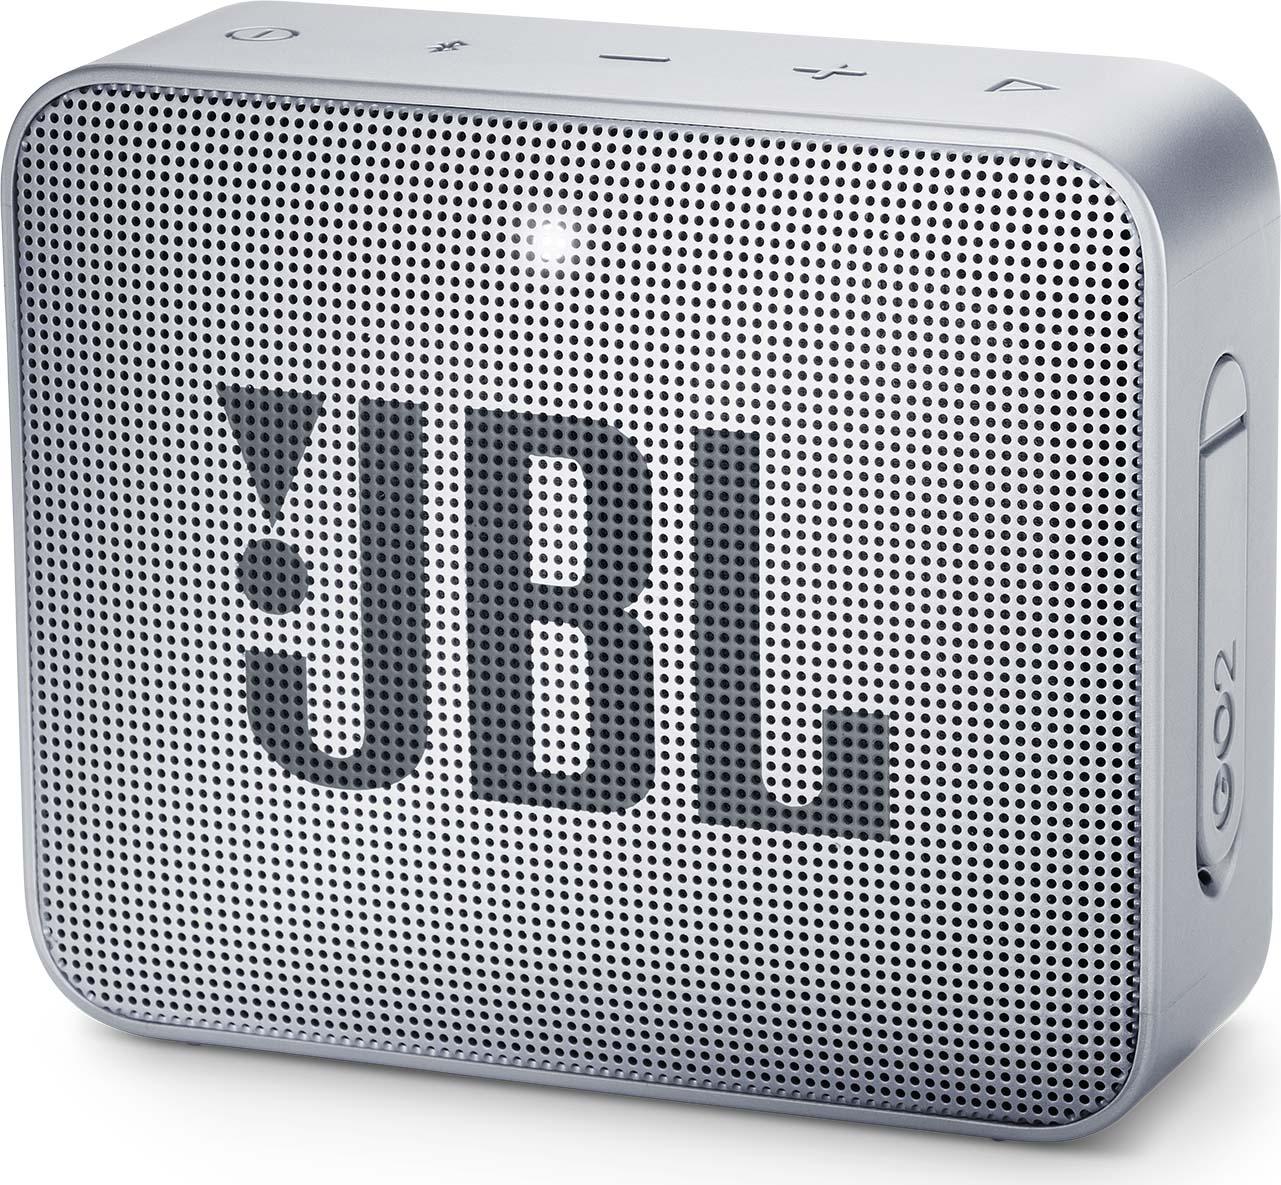 Беспроводная колонка JBL Go 2, Gray logitech ue megaboom беспроводной bluetooth ipx7 водонепроницаемый дизайн большой размер портативный динамик фиолетовый